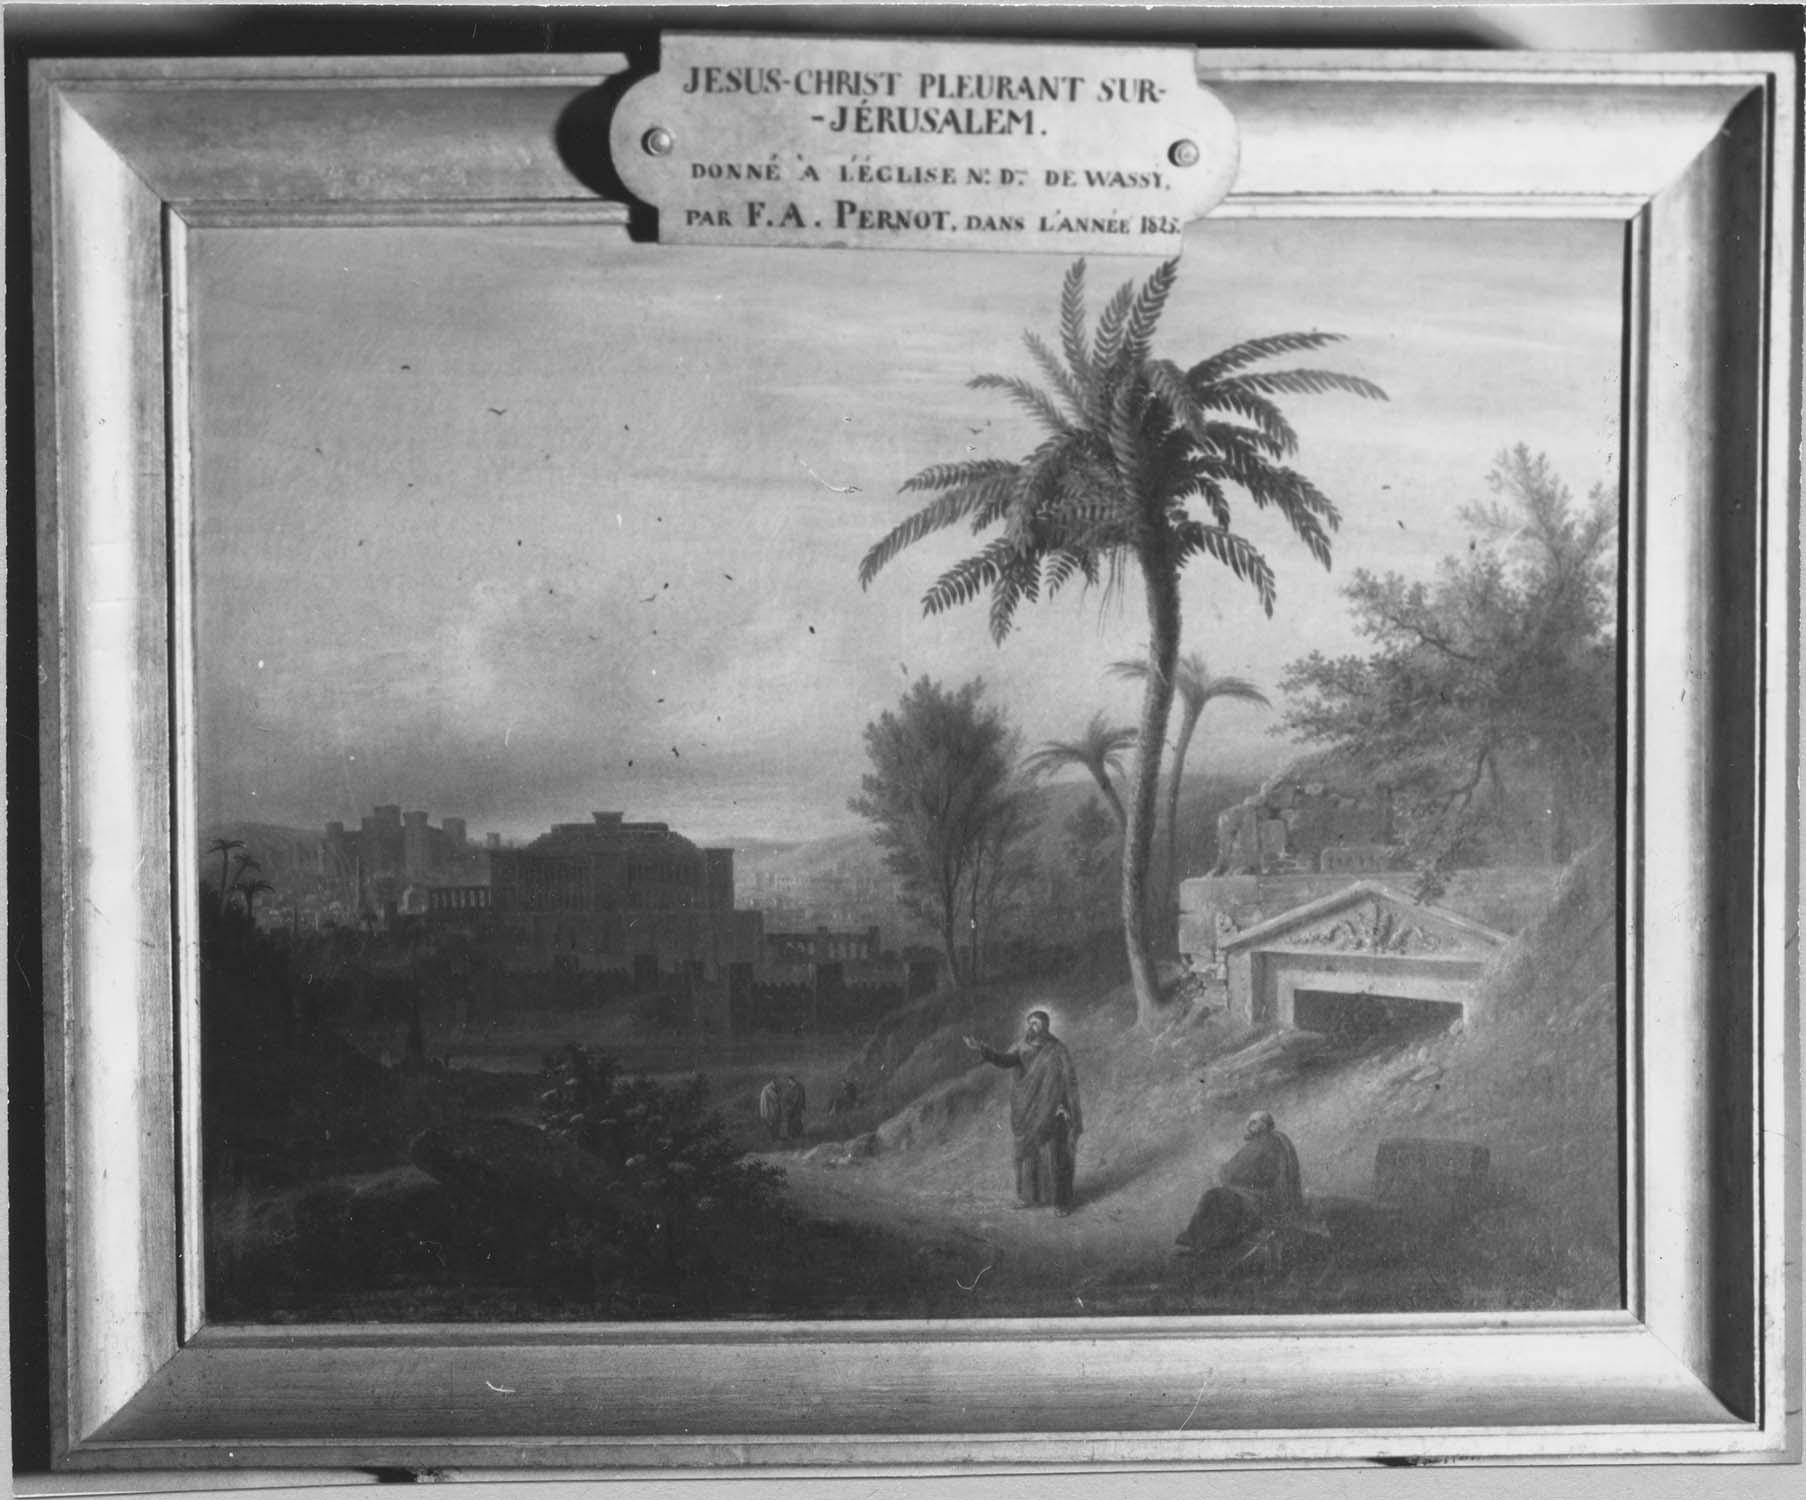 Tableau : Christ pleurant sur Jérusalem (Le)